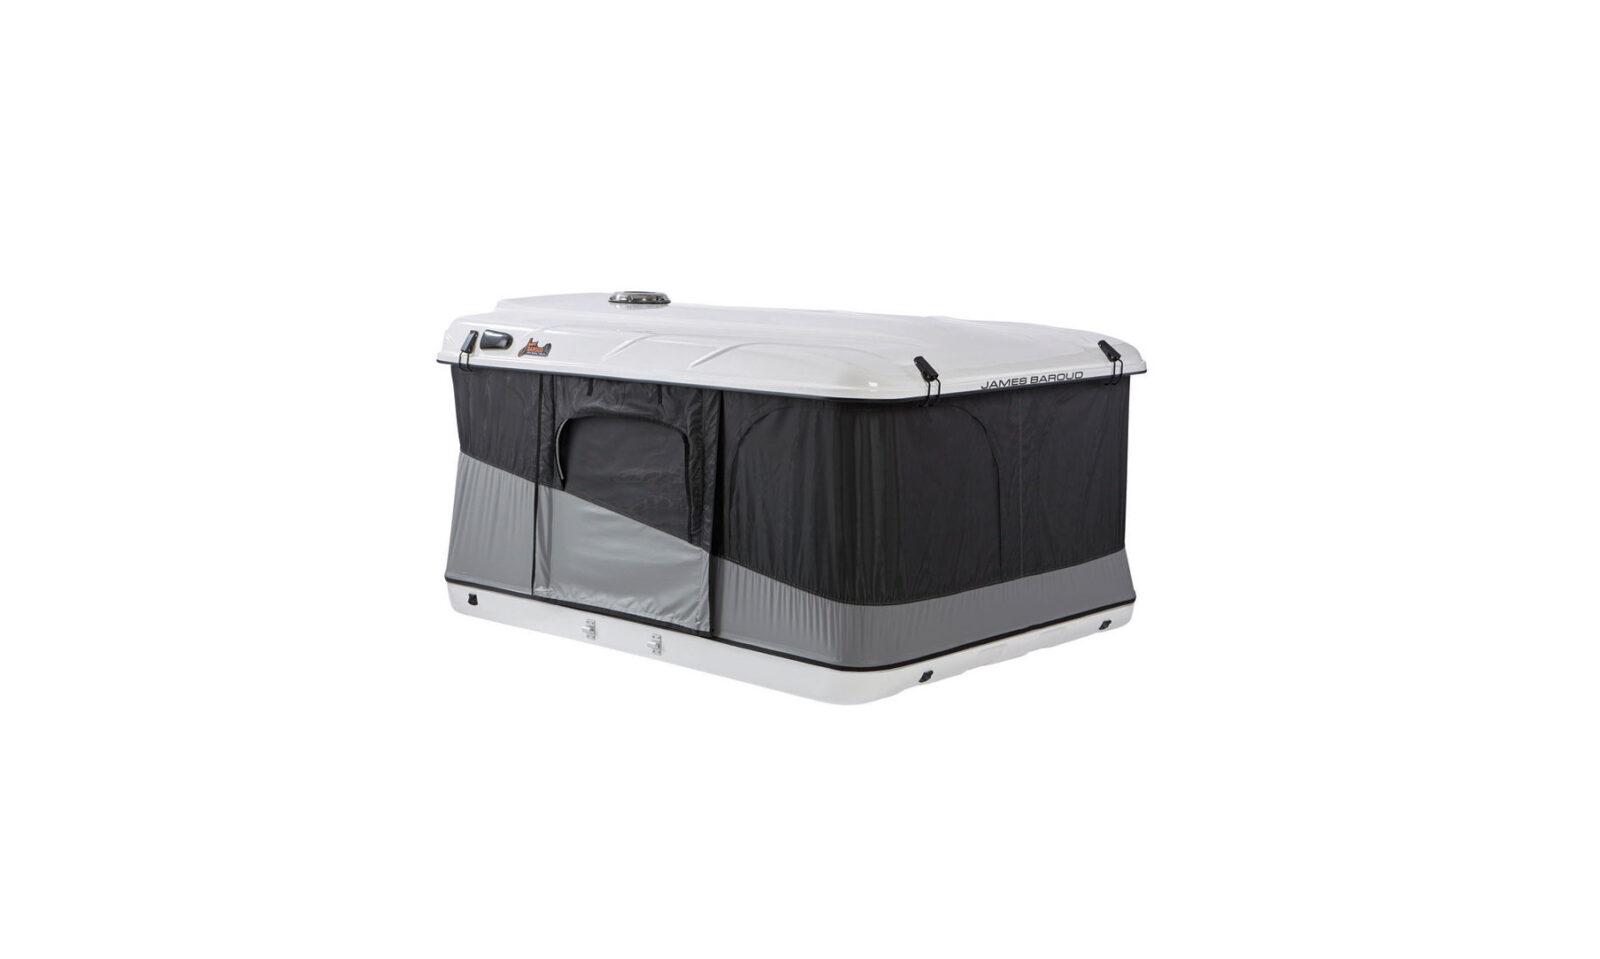 James Baroud Evasion Rooftop Tent 1 1600x959 - Evasion Evolution Rooftop Tent